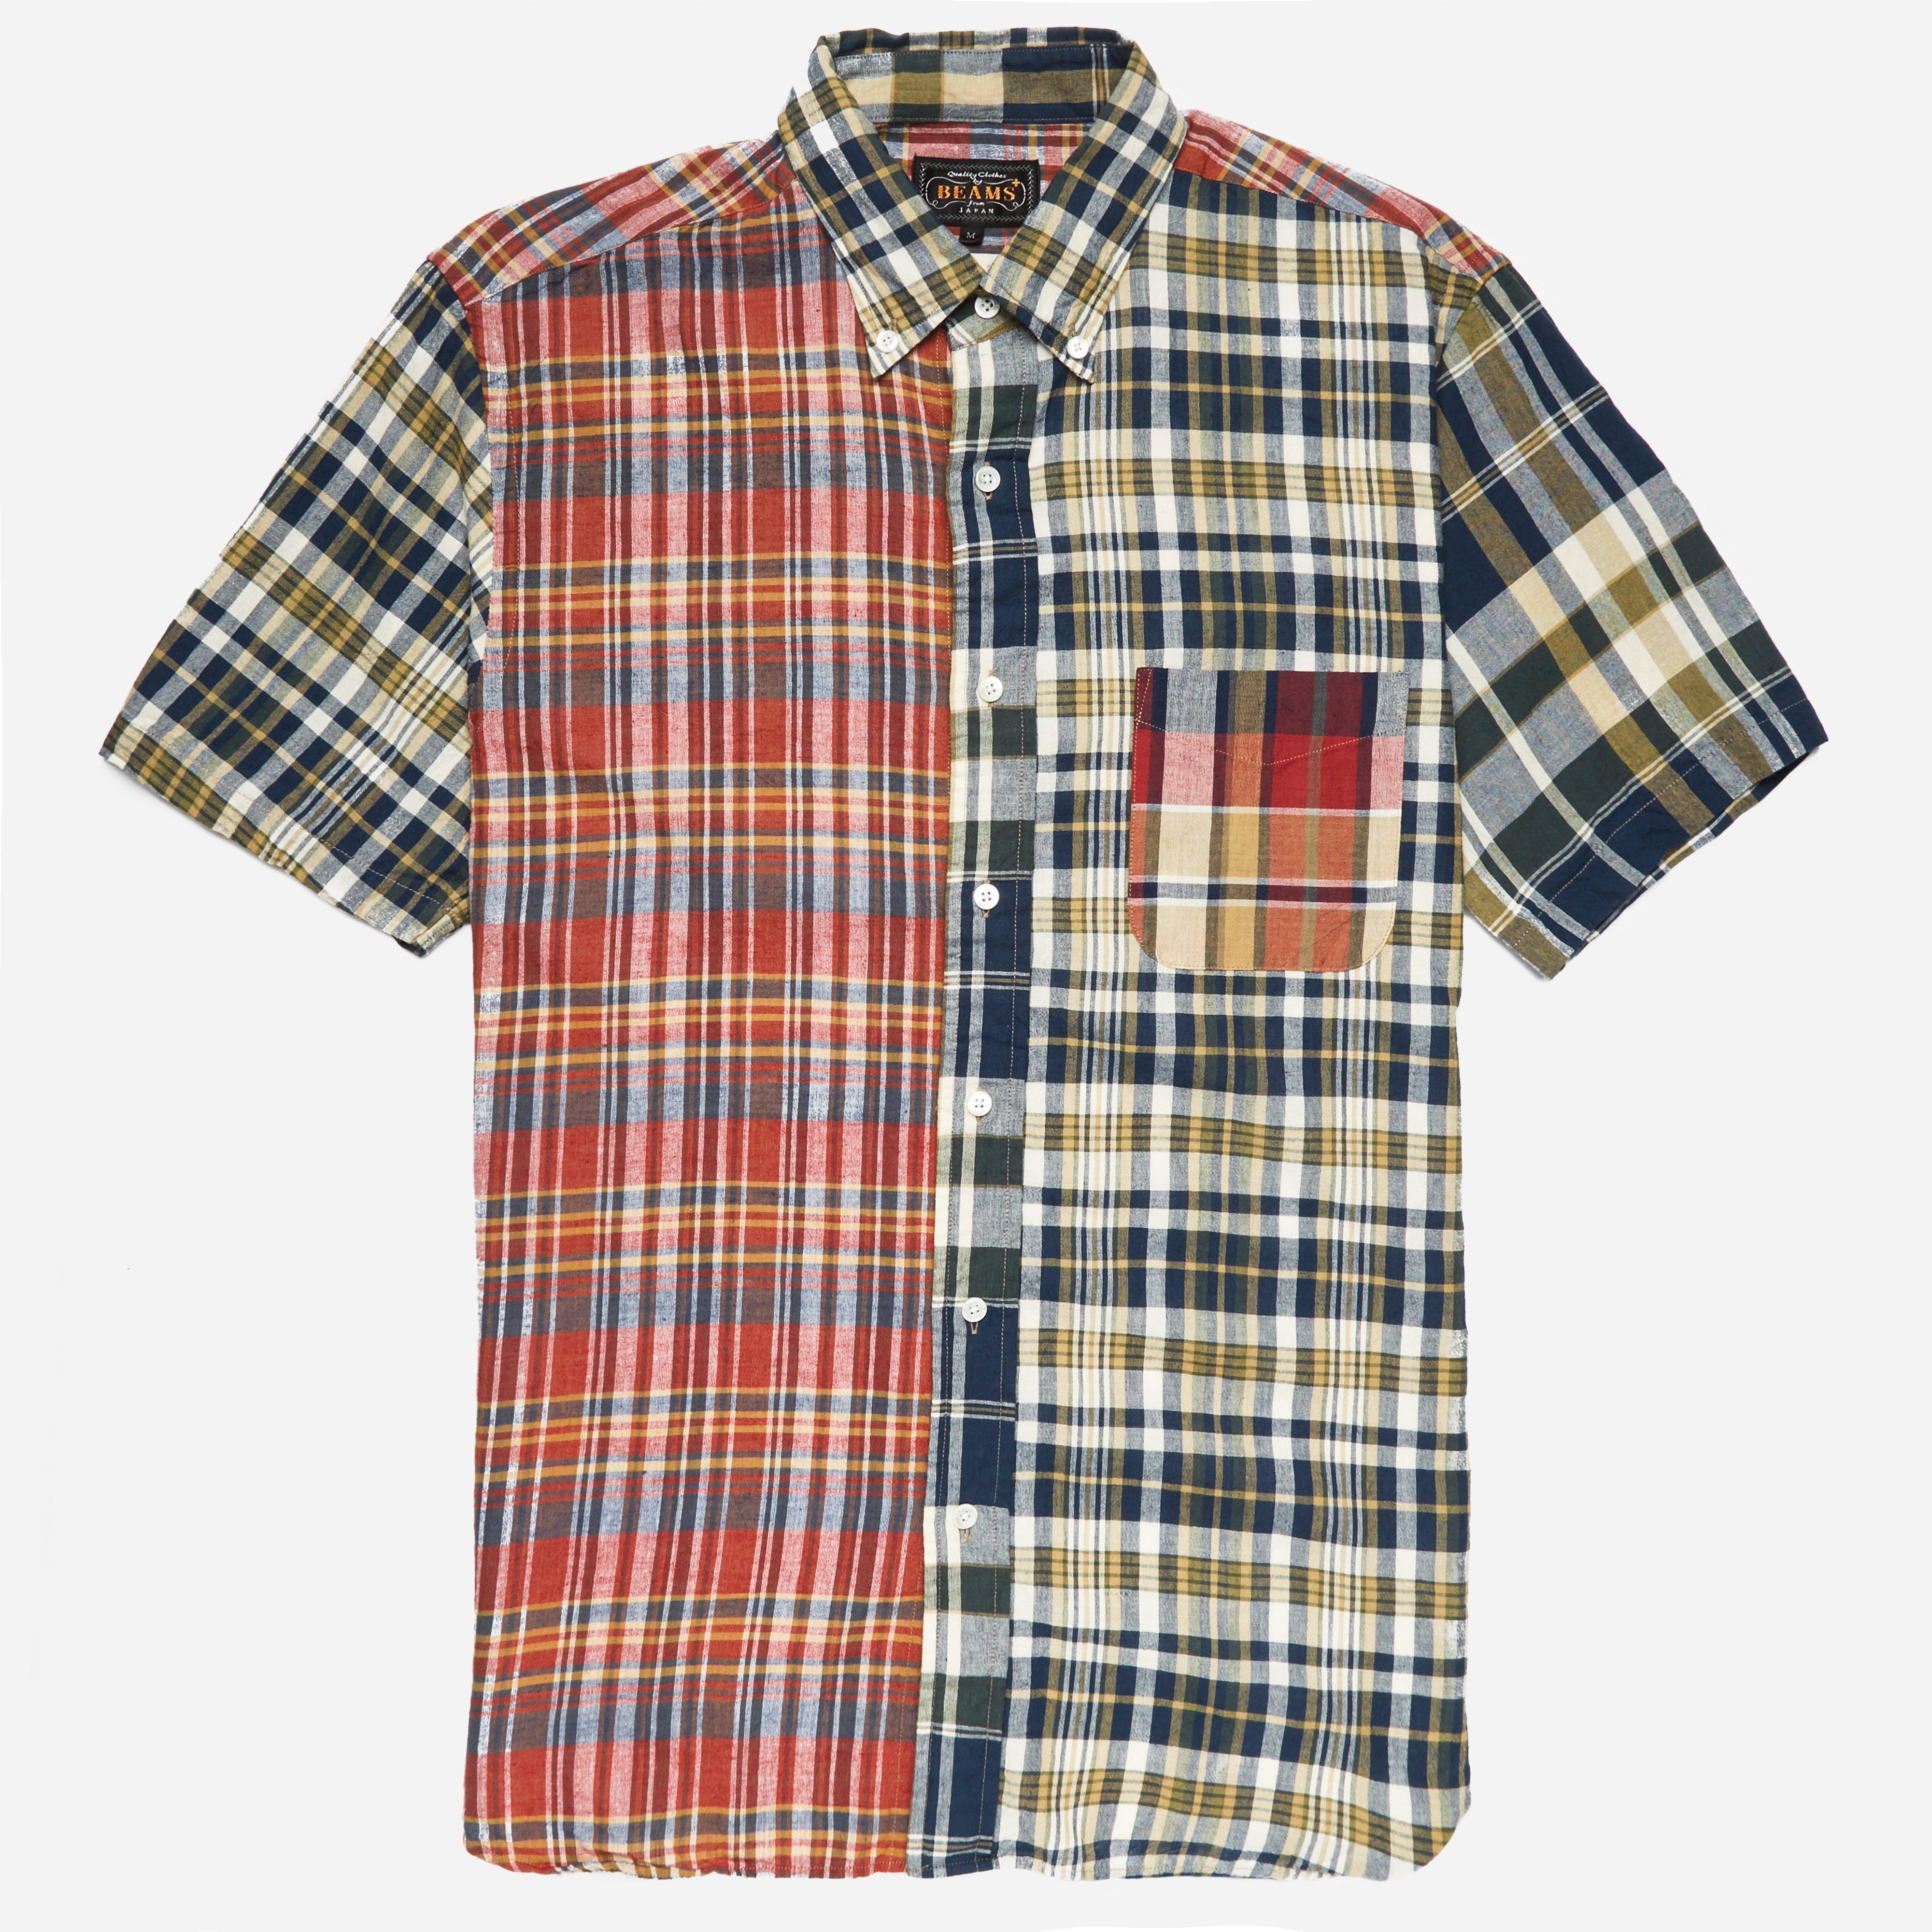 Beams Plus BD Madras Crazy SS Shirt